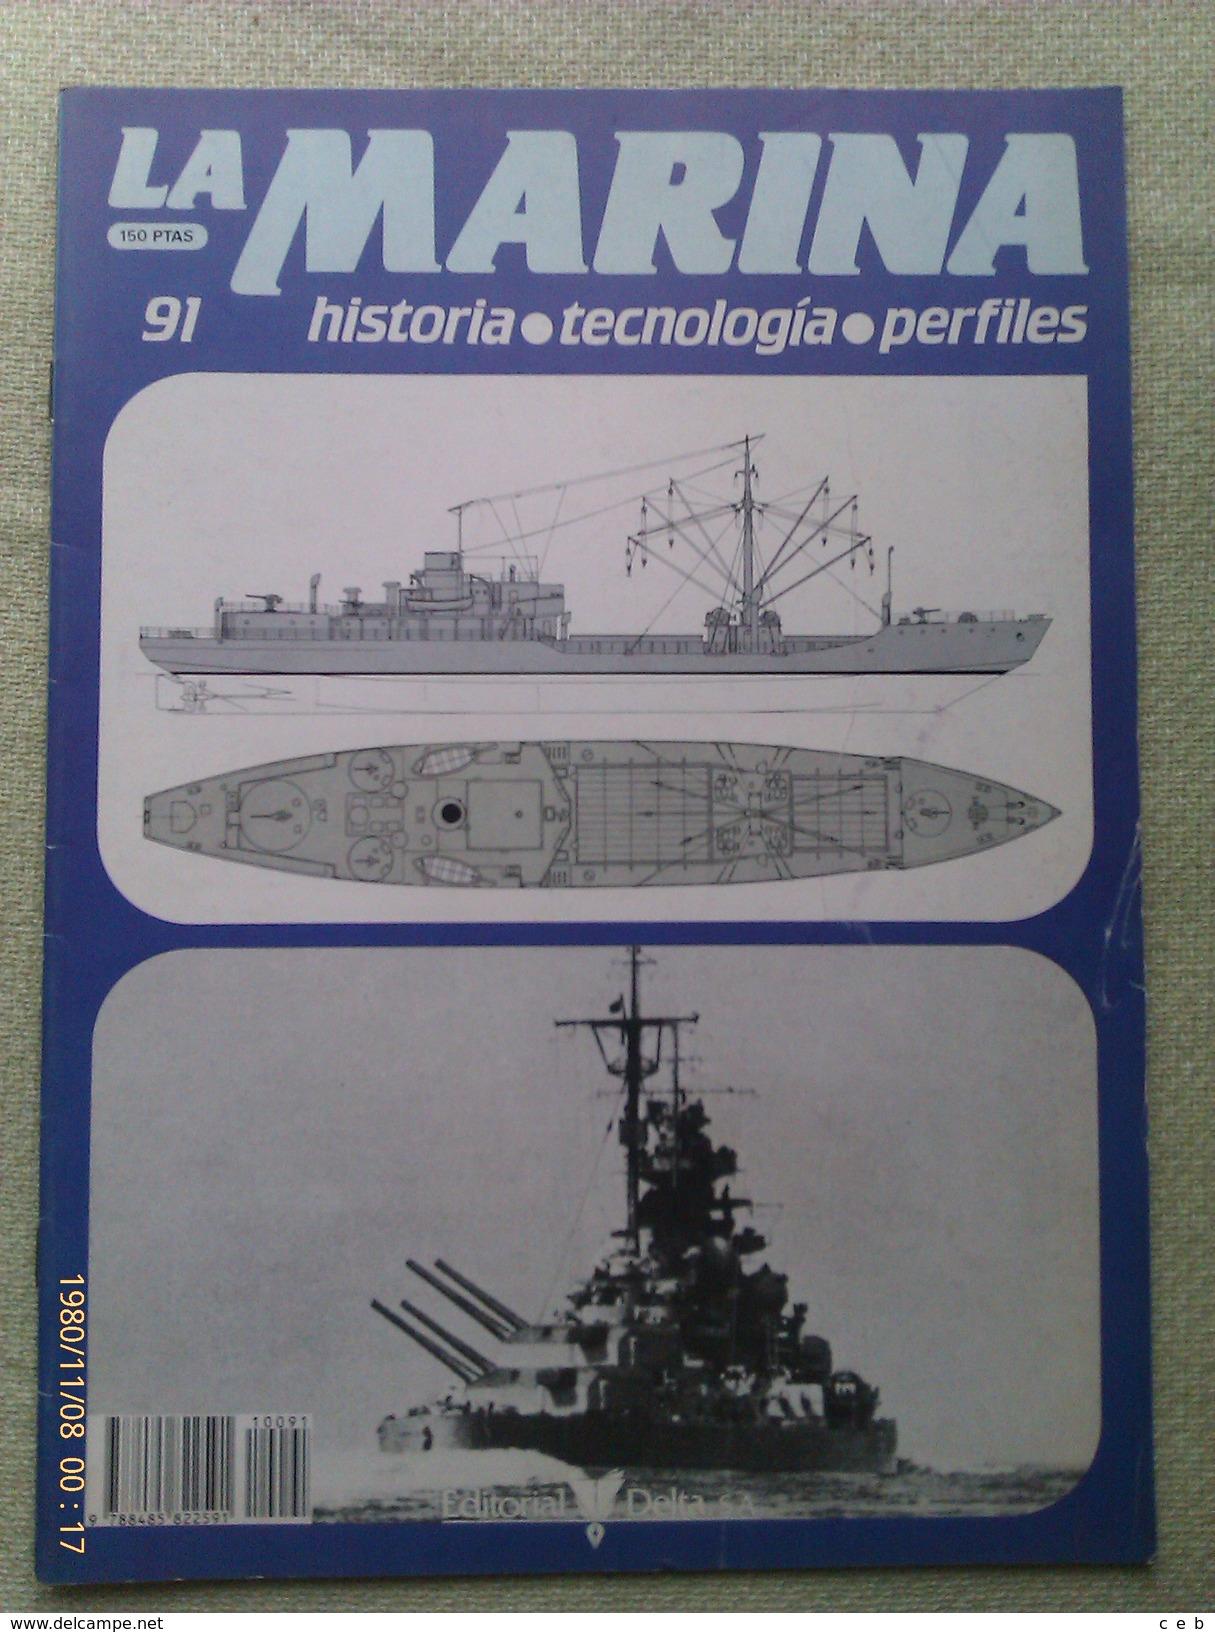 Fascículo La Marina Historia Tecnología Perfiles. Número 91. 1985. Editorial Delta. Barcelona. España - Barcos